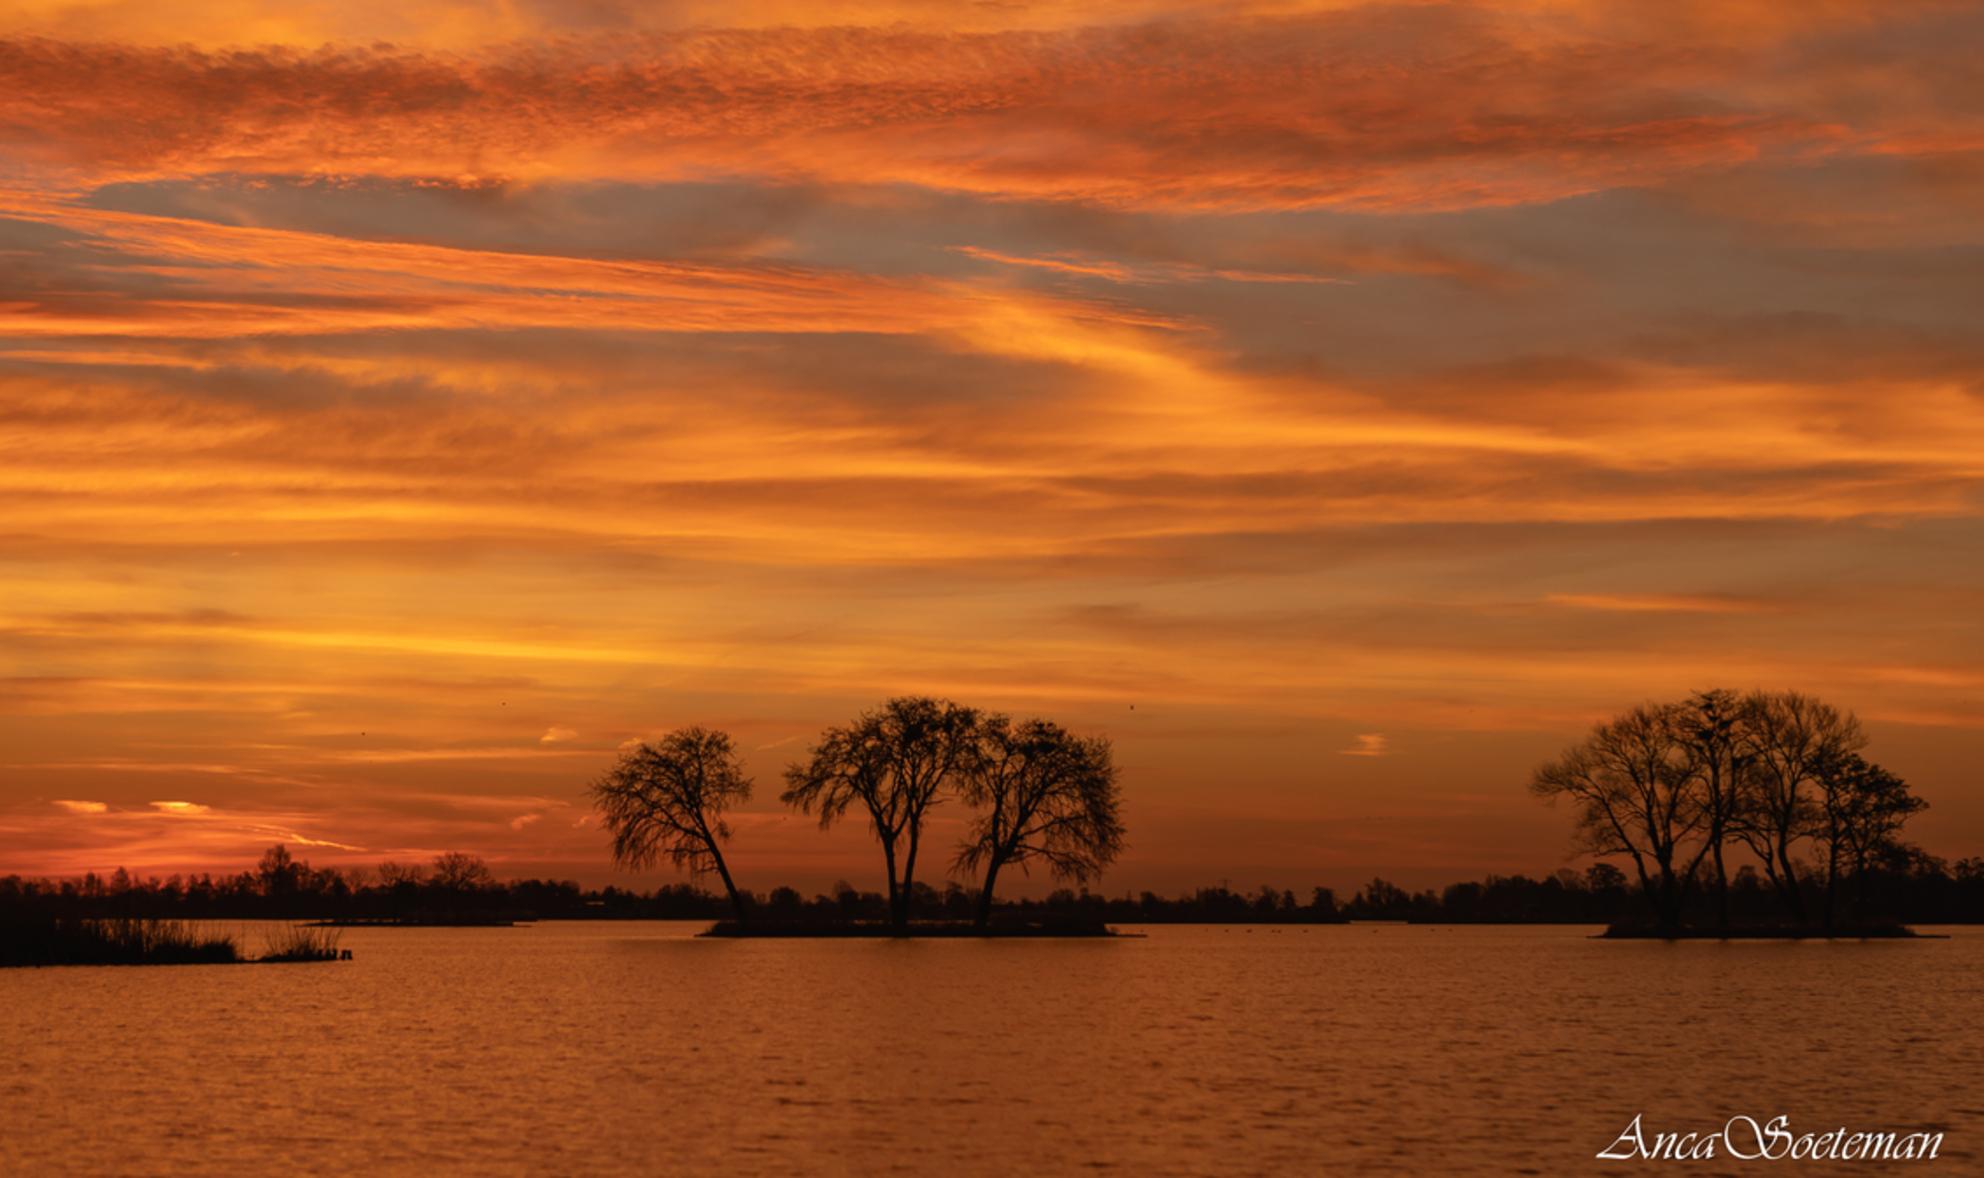 Saharazand zonsopkomst bij Reeuwijk - Magische zonsopkomst in Reeuwijk. - foto door ancasoet op 28-02-2021 - deze foto bevat: water, natuur, landschap, zonsopkomst - Deze foto mag gebruikt worden in een Zoom.nl publicatie